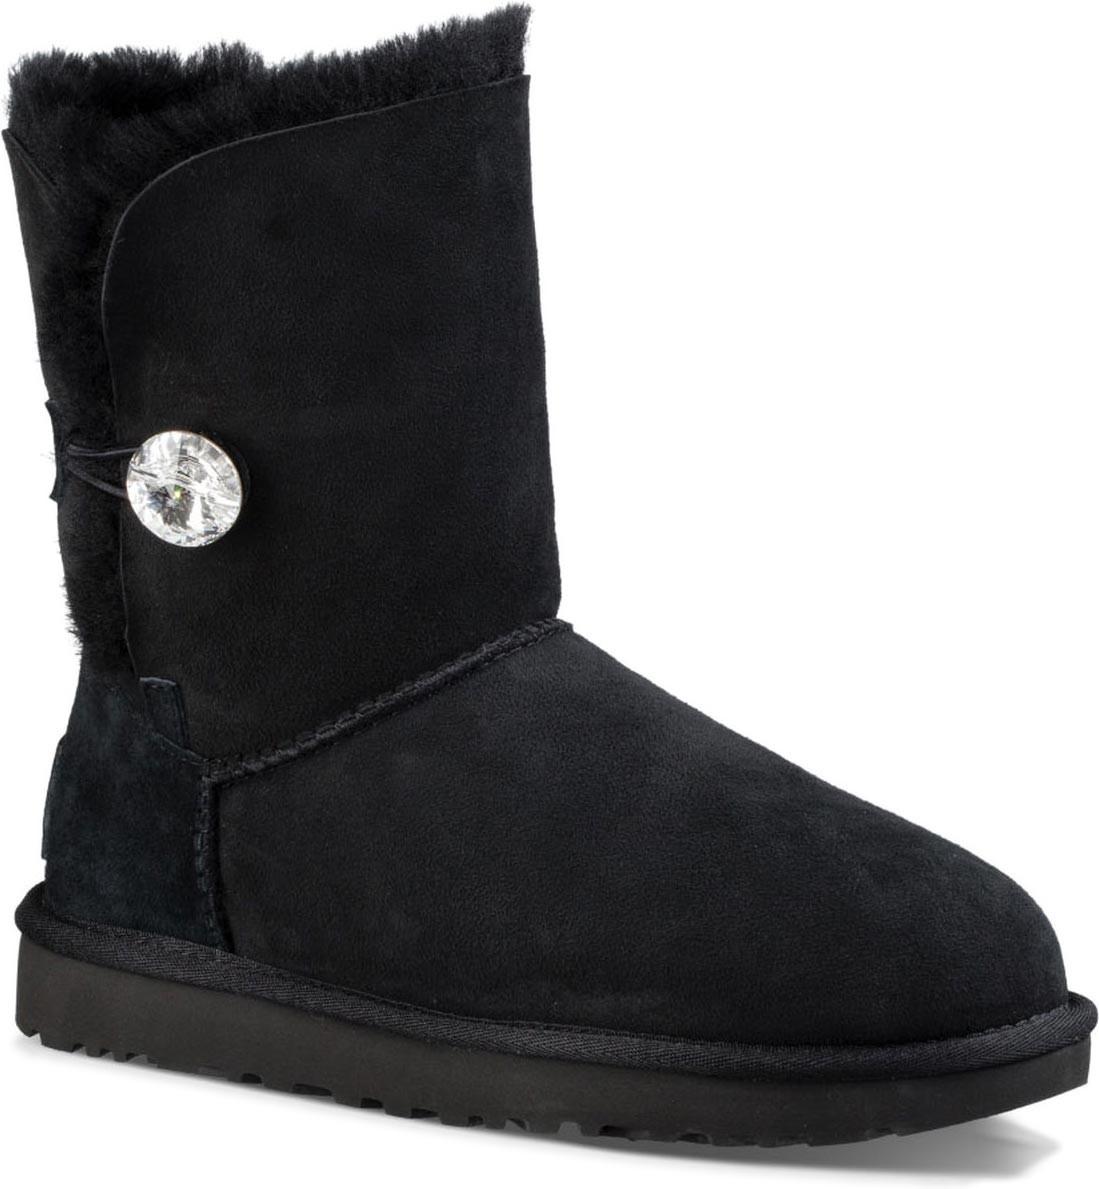 ugg bailey button bling winter boot nz